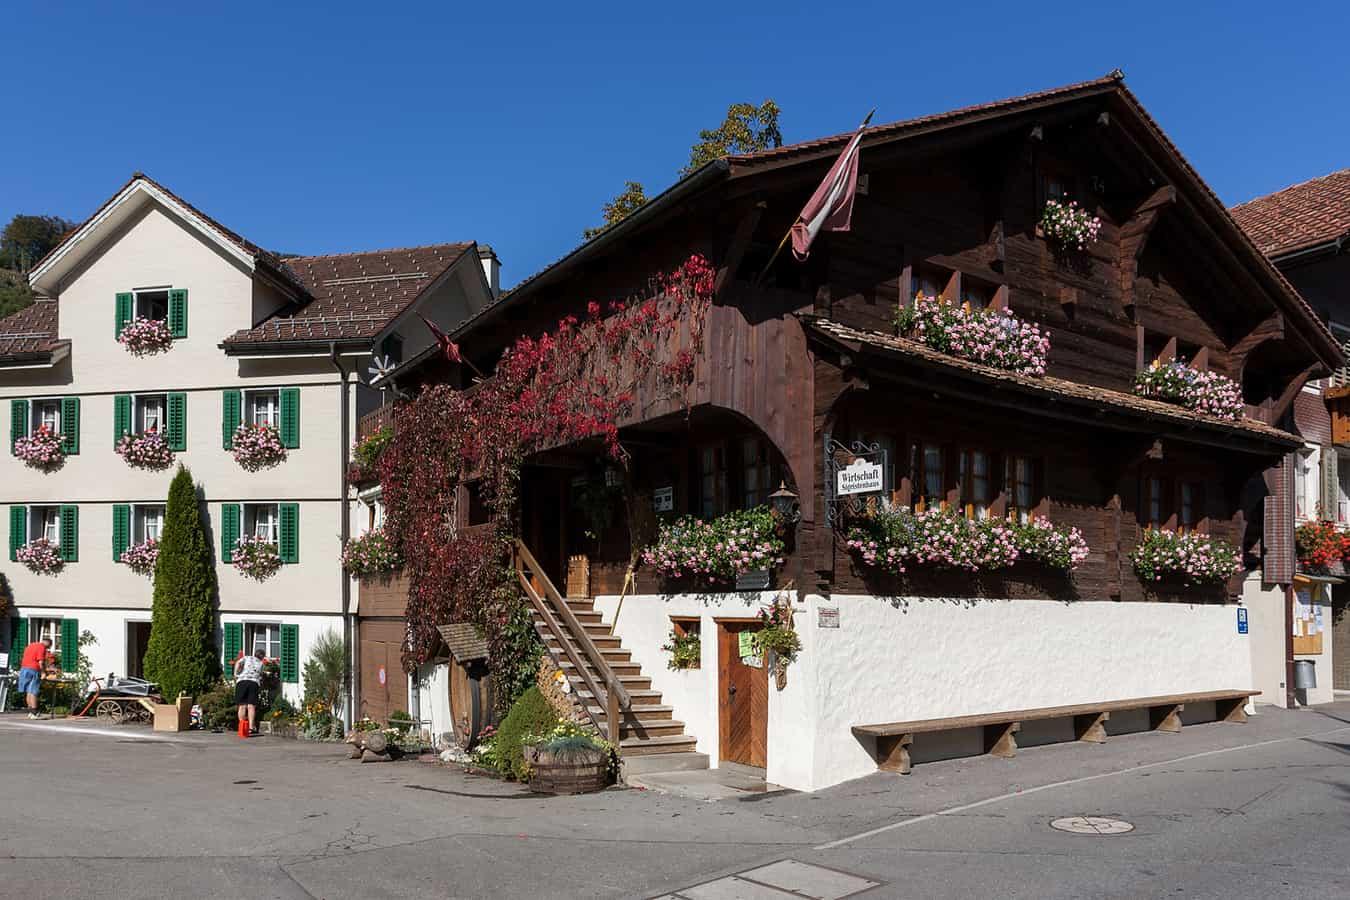 Das historische Gasthaus Sigristenhaus im Dorfzentrum voin Illgau (SZ)